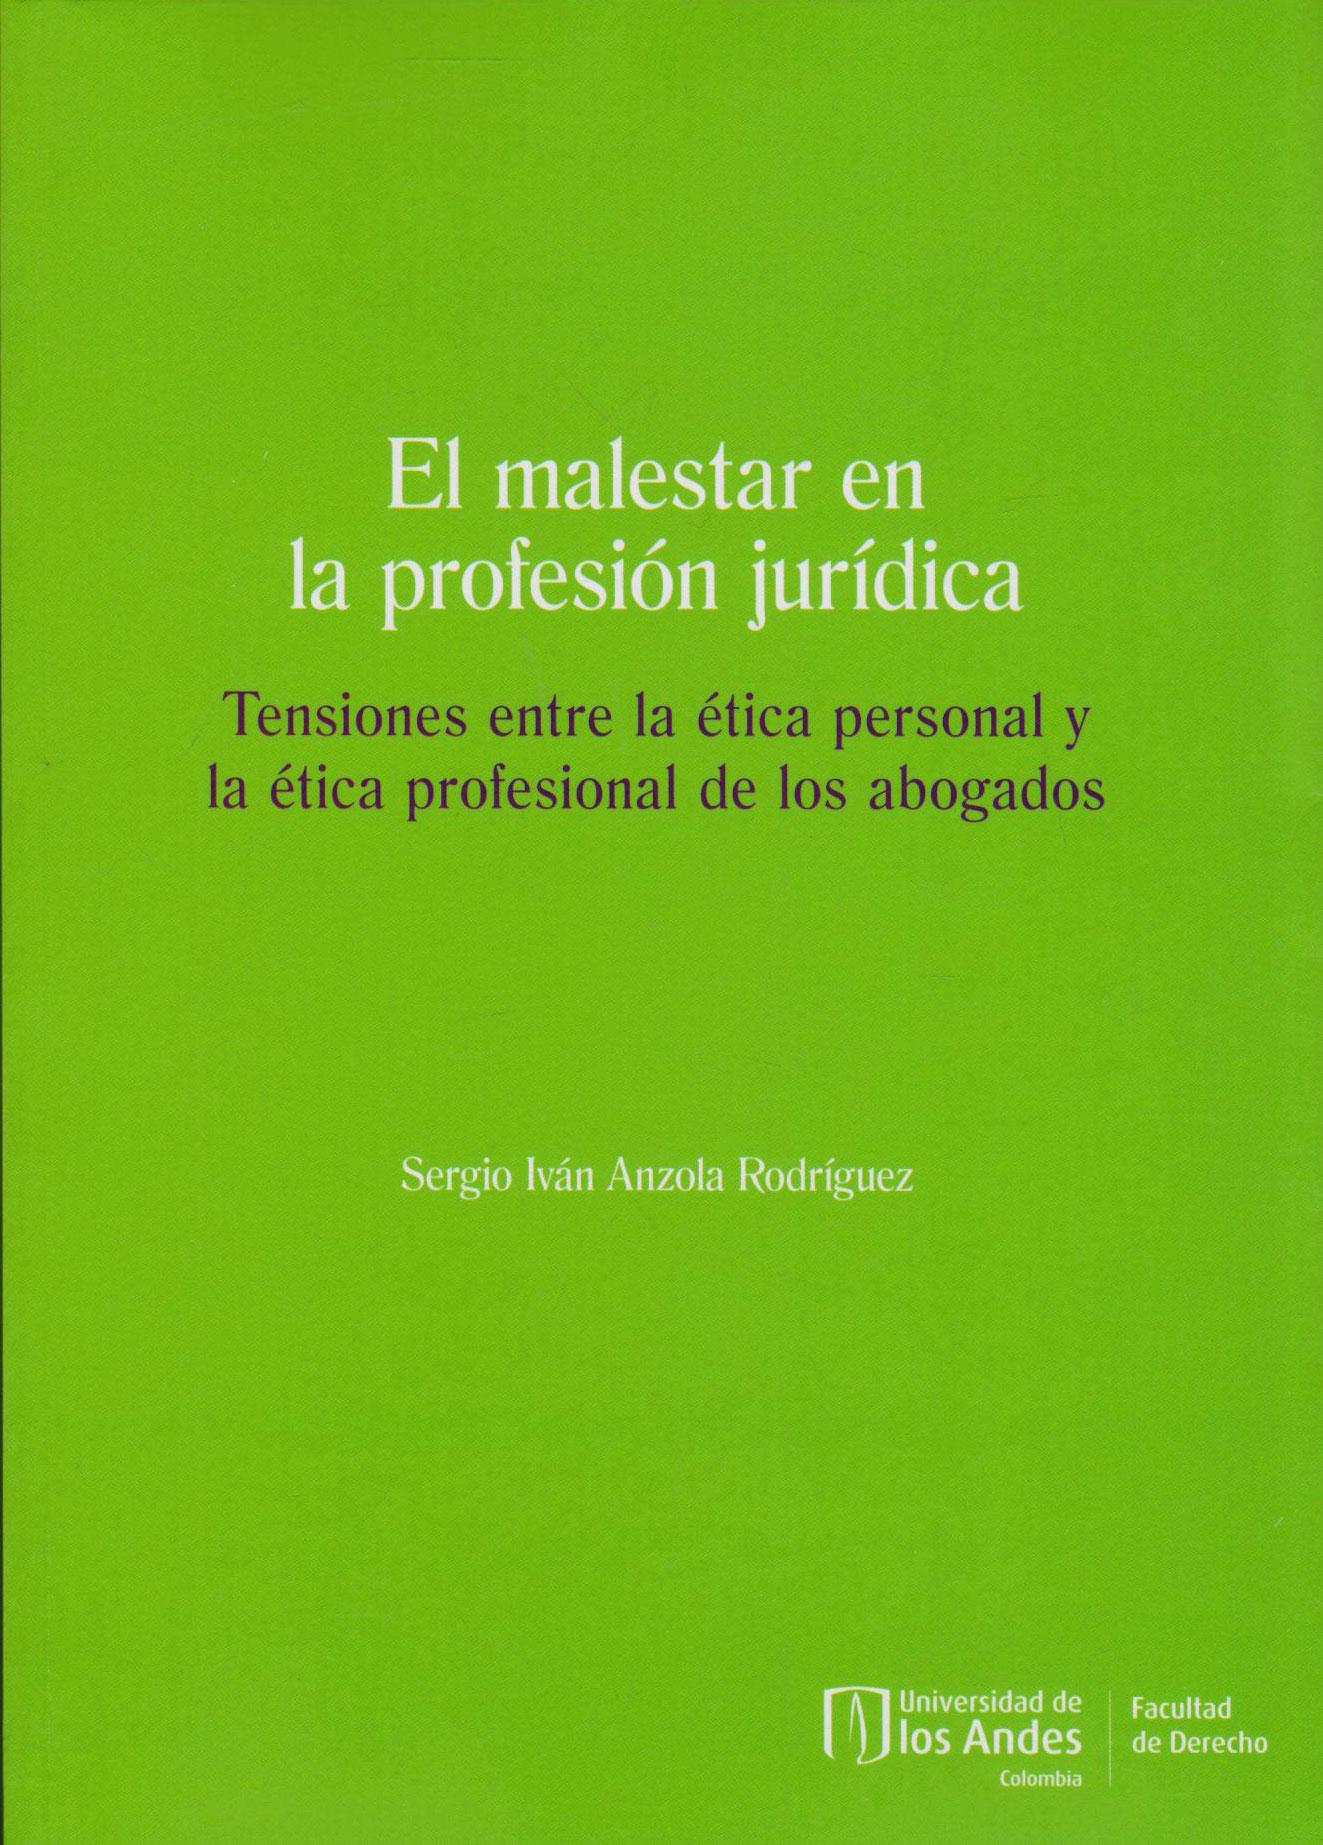 El Malestar en la Profesión Jurídica